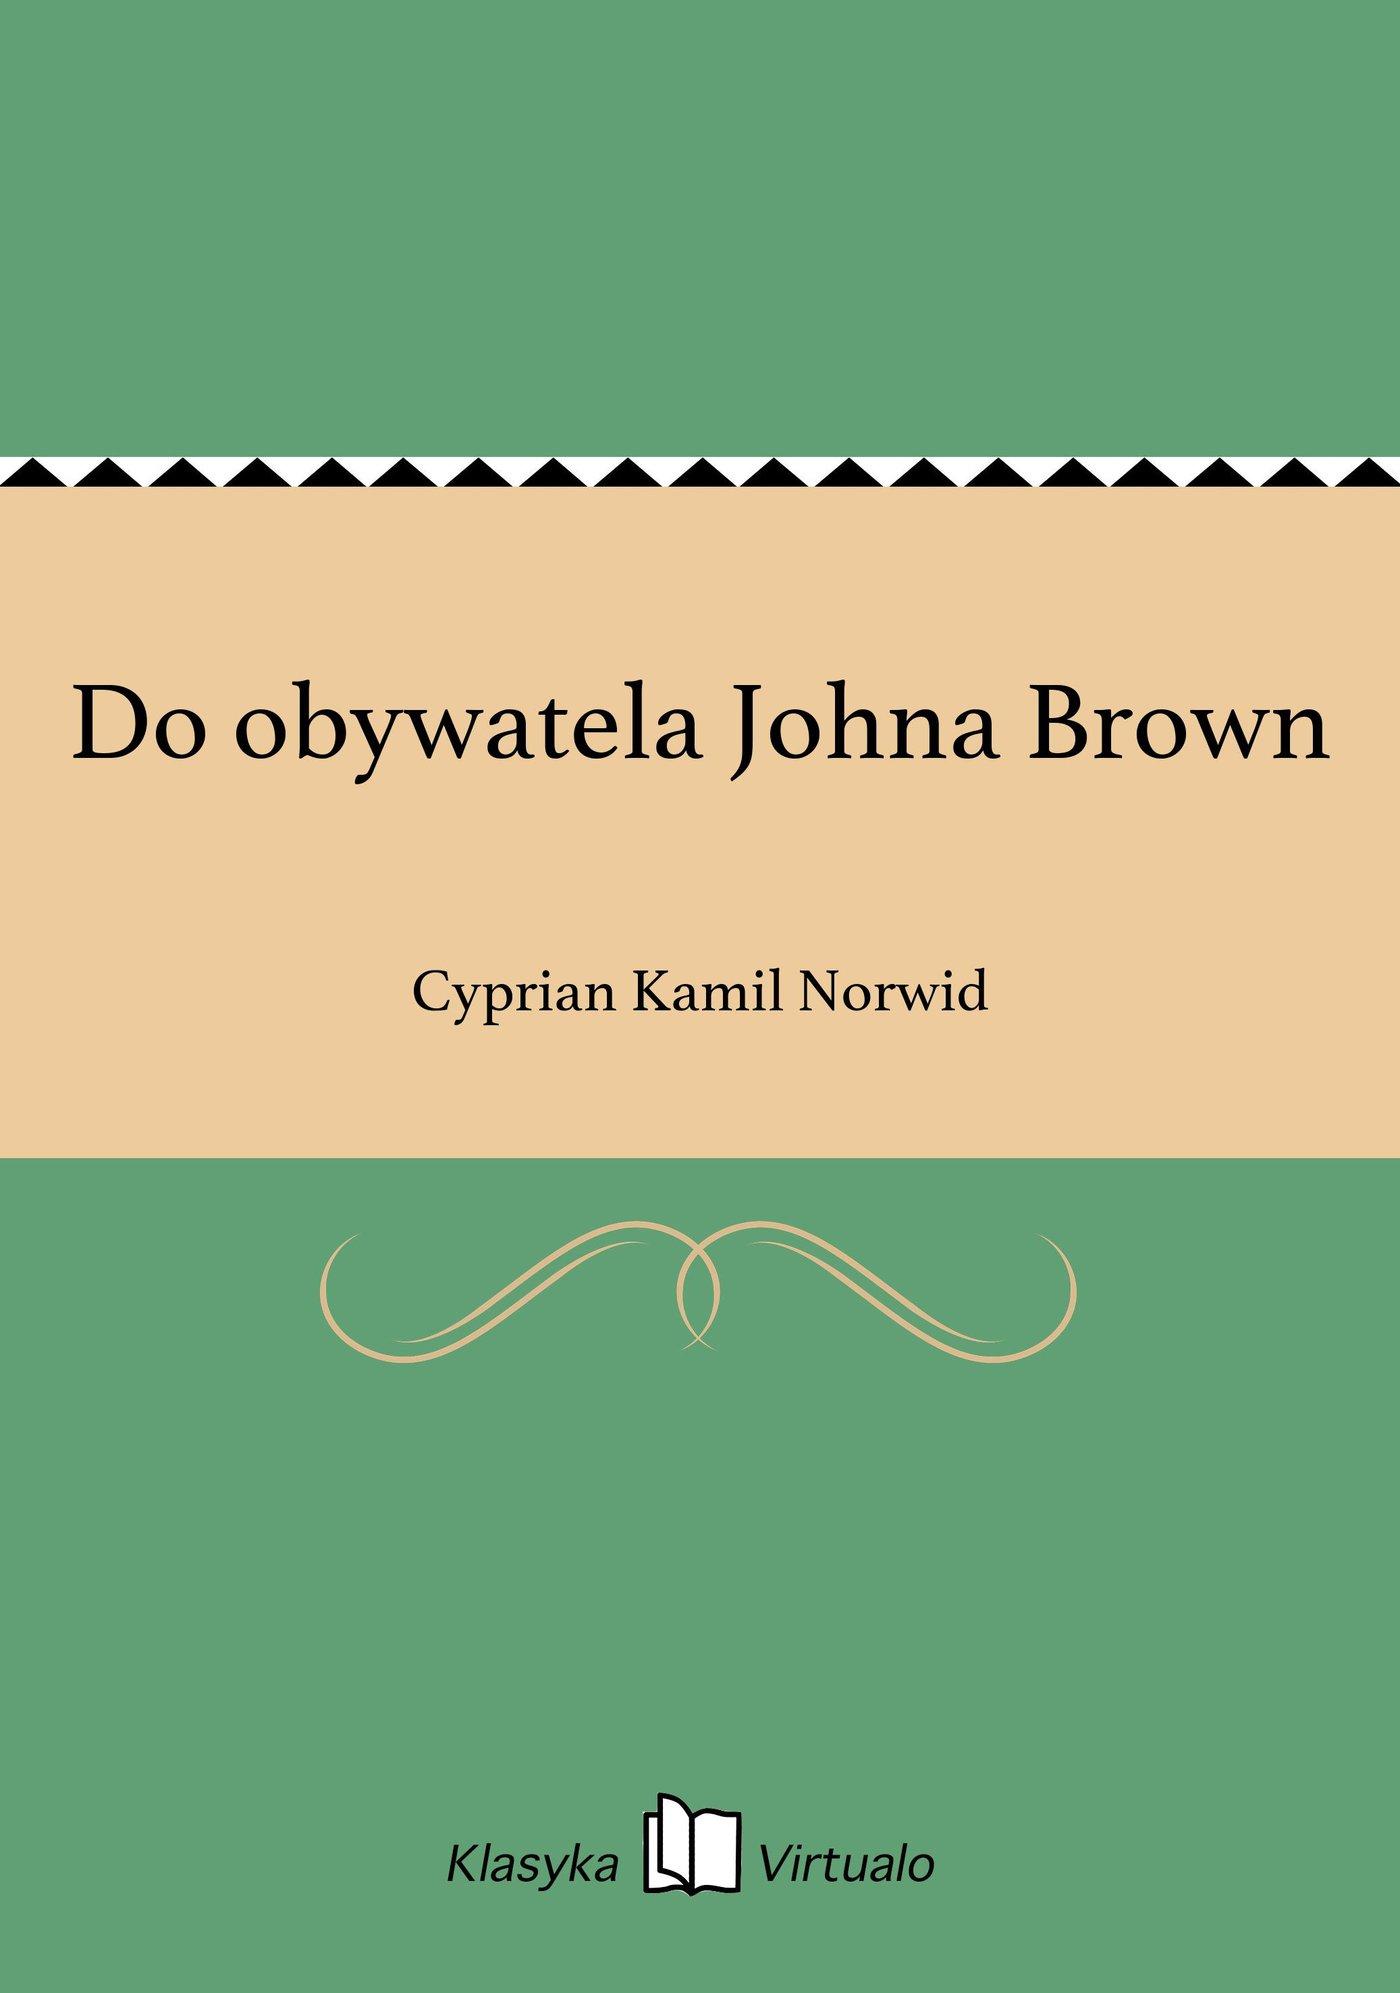 Do obywatela Johna Brown - Ebook (Książka EPUB) do pobrania w formacie EPUB